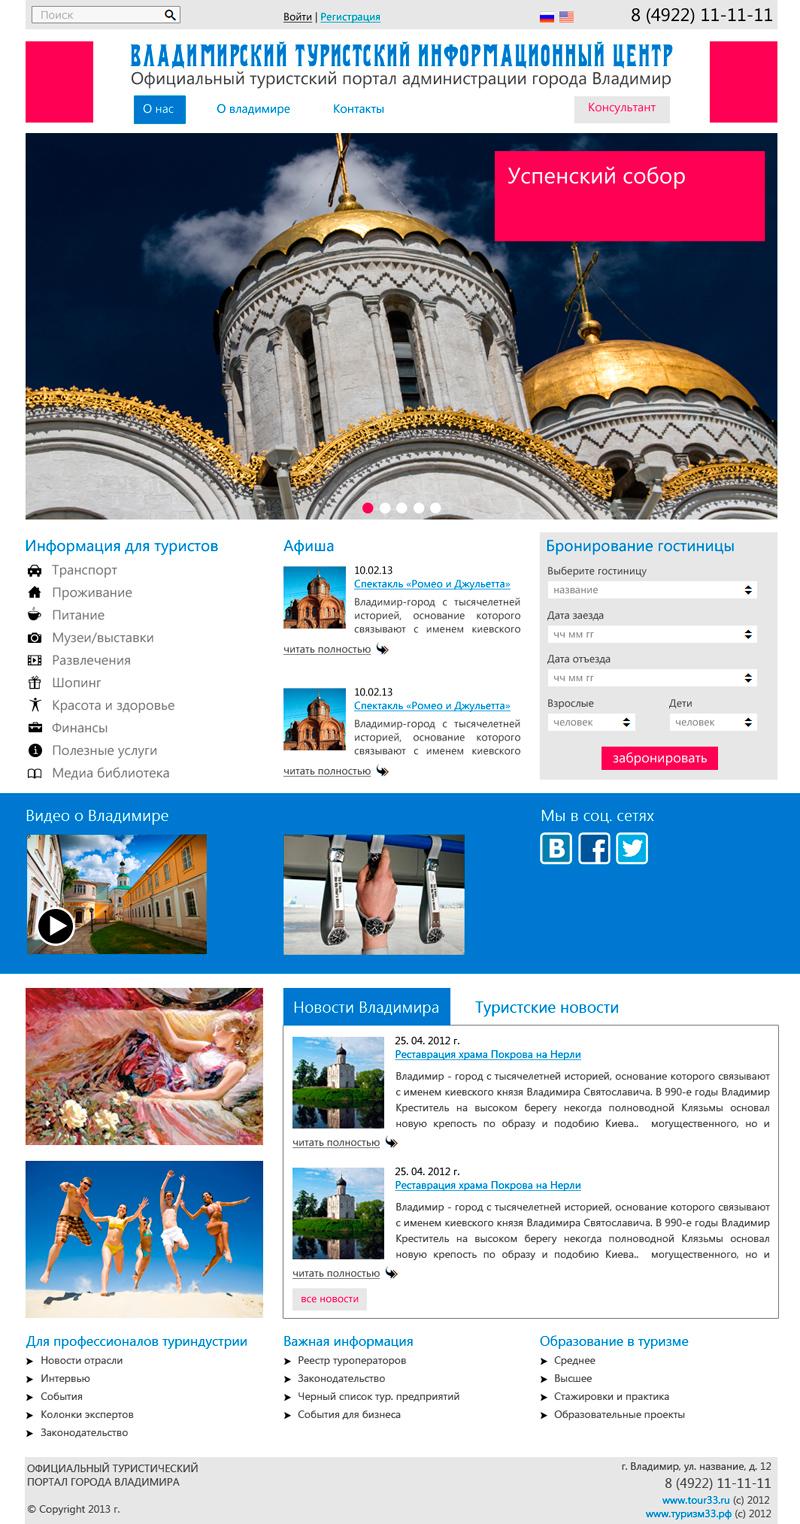 Информационный портал города